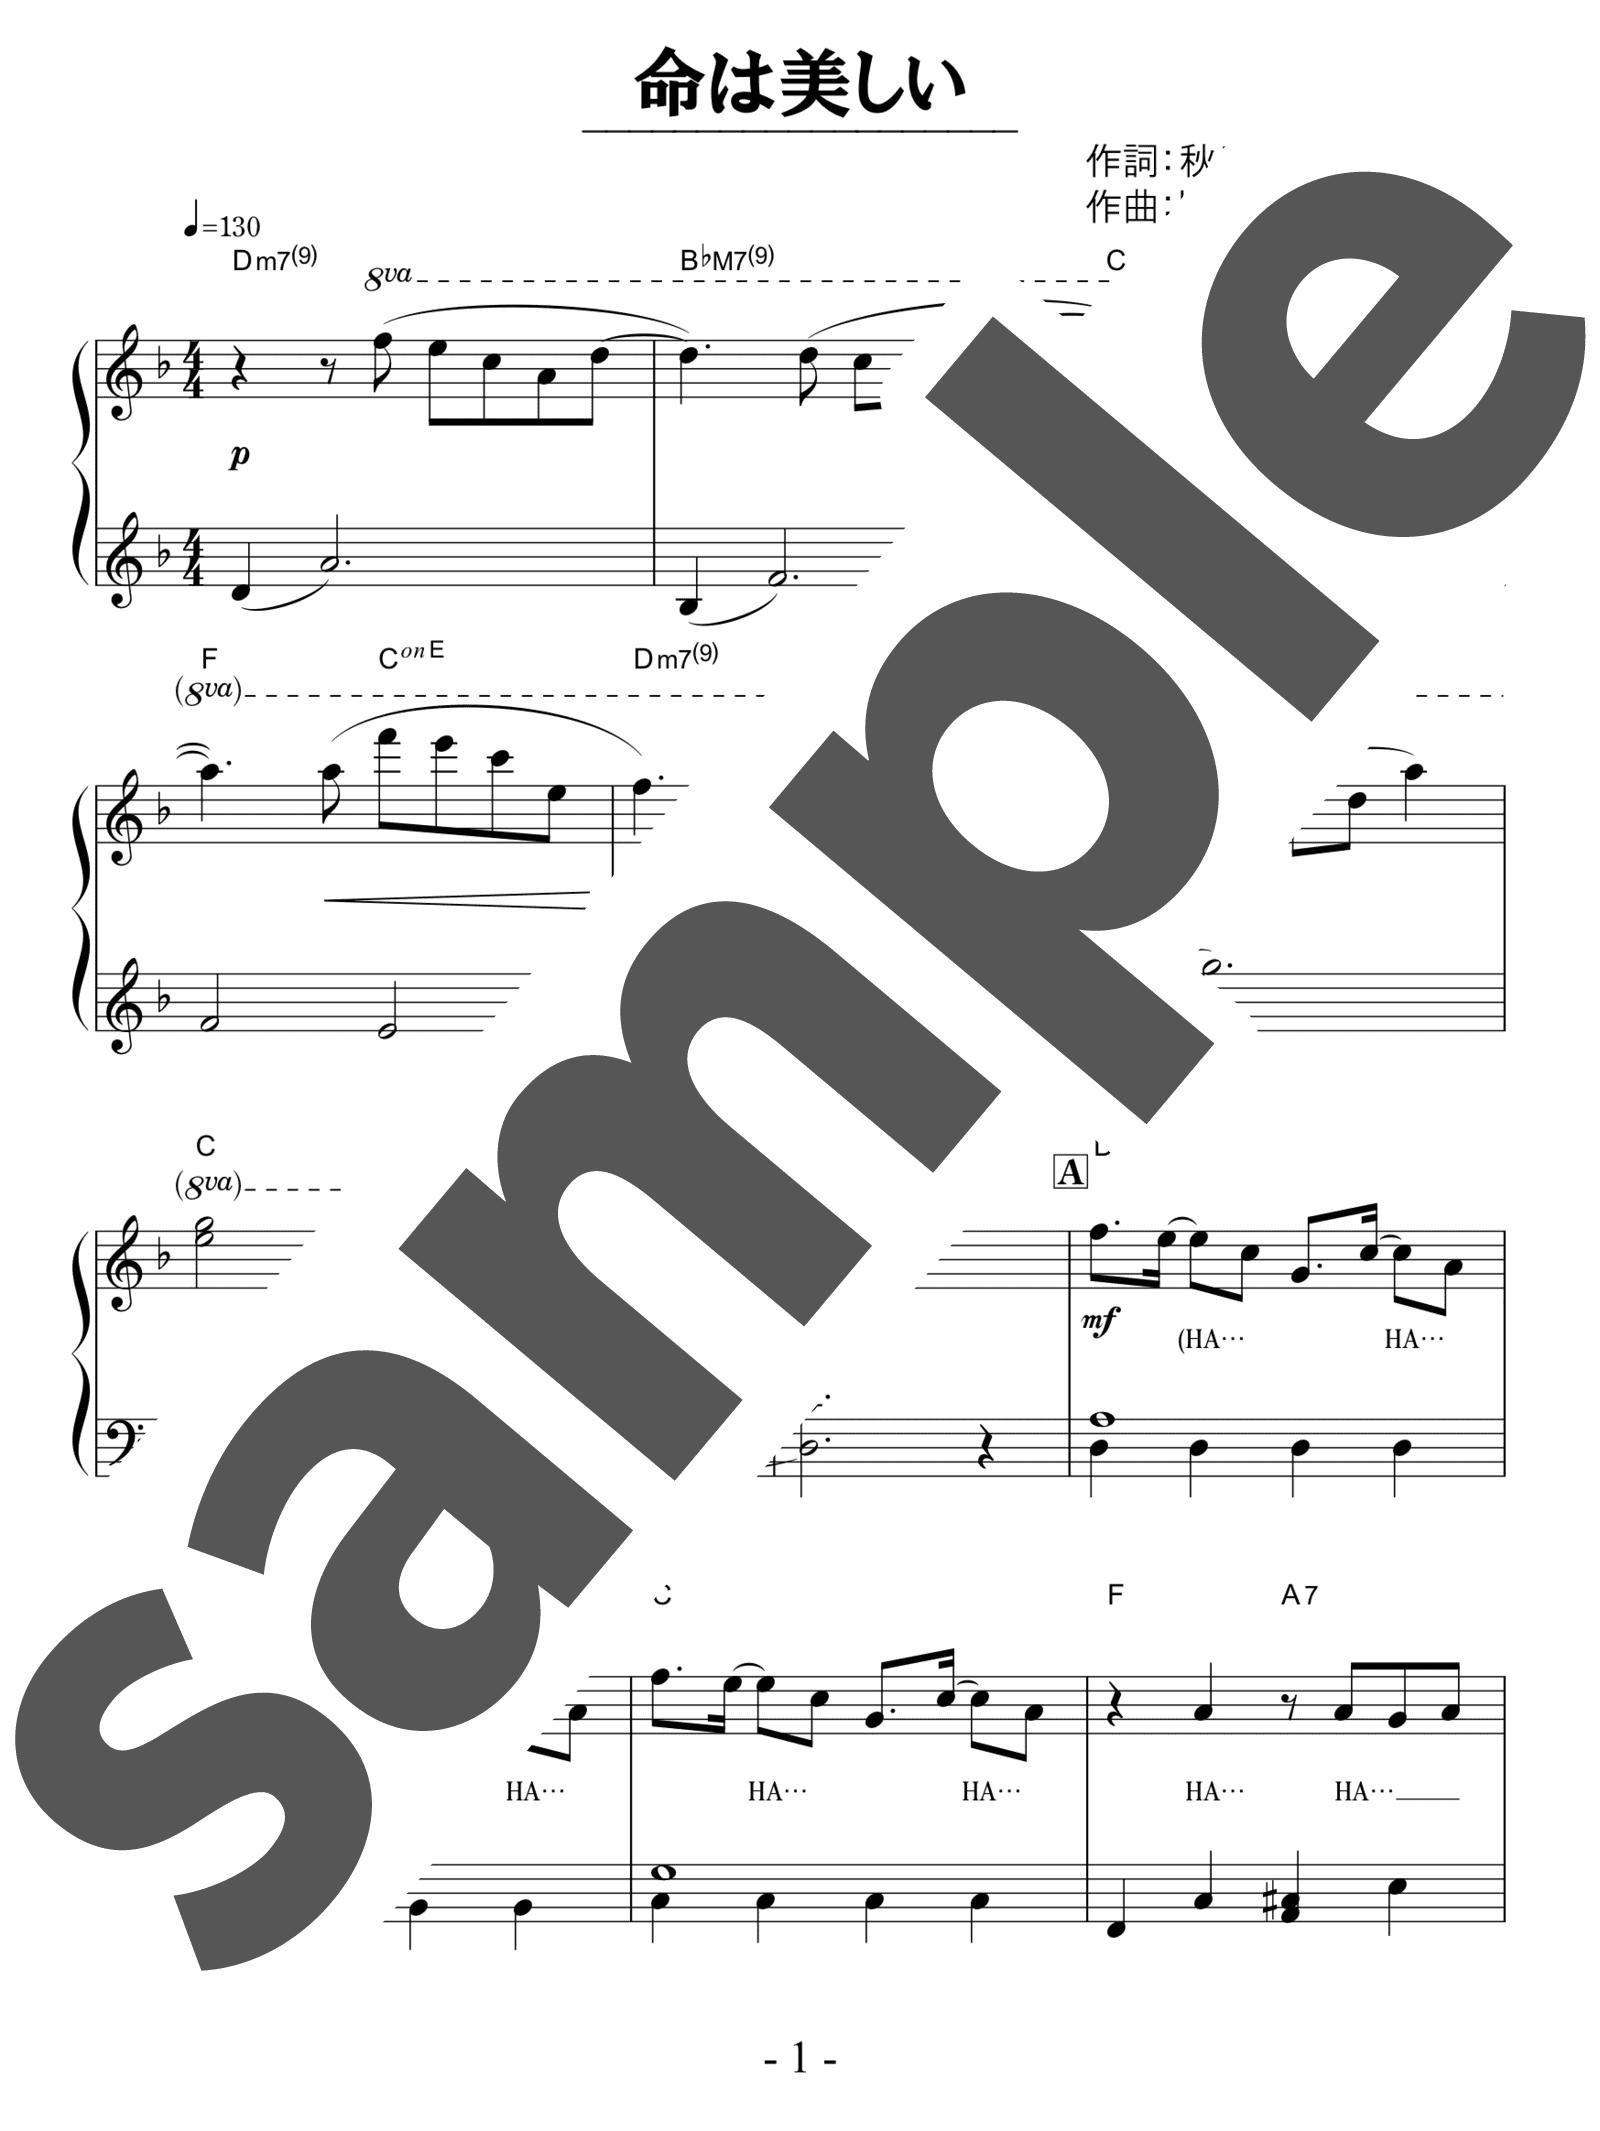 「命は美しい」のサンプル楽譜